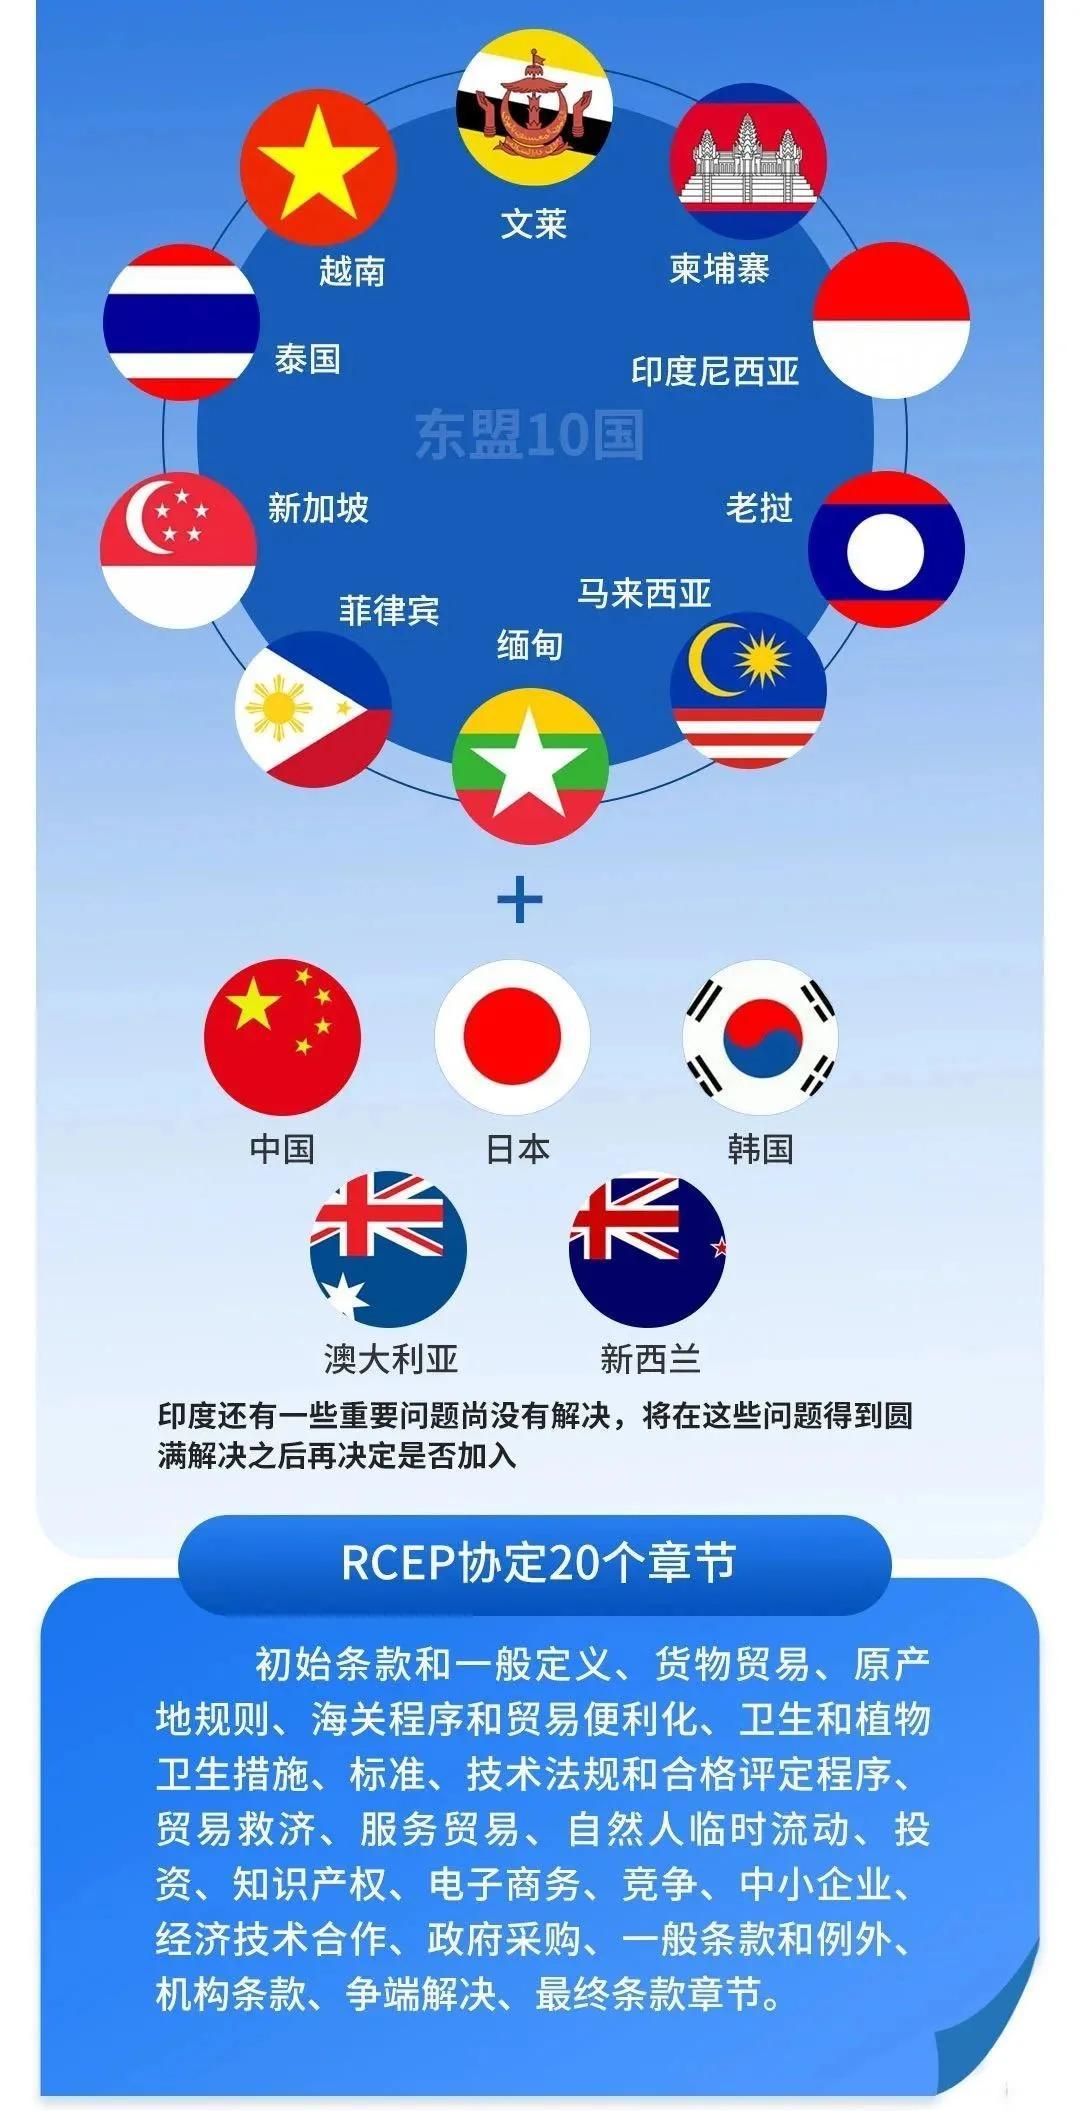 RCEP正式达成,商务部解读跨境电商重大利好!(图3)